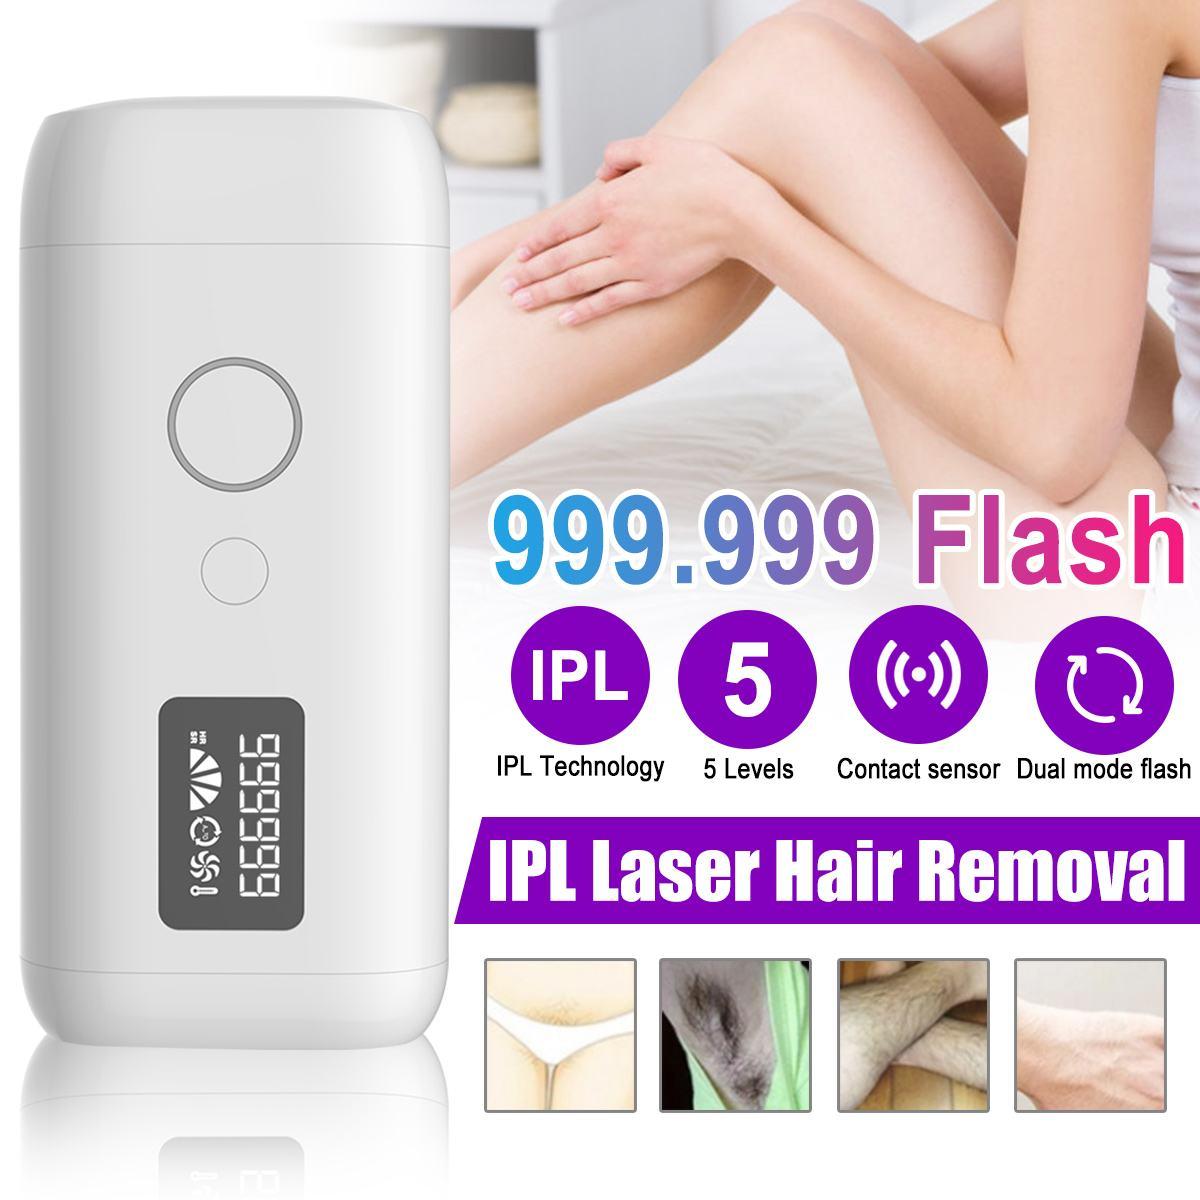 Depilação a Laser os Níveis de 5 Display Flash Depilador Permanente 999999 Pulsos Ipl Laser Biquíni Depiladora Foto 36w Lcd